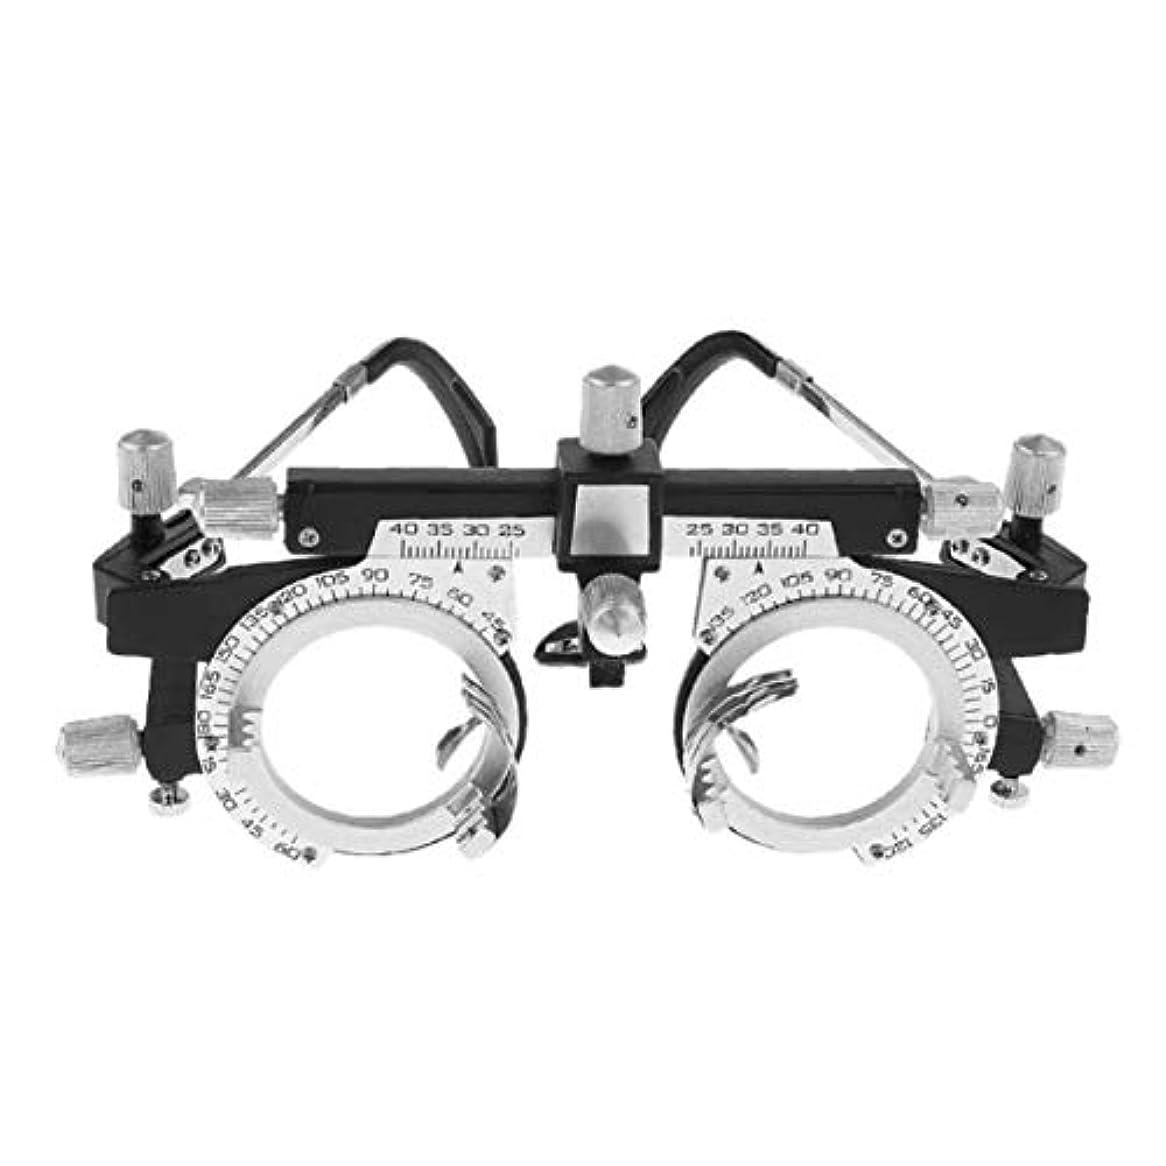 調整可能なプロフェッショナルアイウェア検眼メタルフレーム光学眼鏡眼鏡トライアルレンズメタルフレームPD眼鏡アクセサリー-シルバー&ブラック